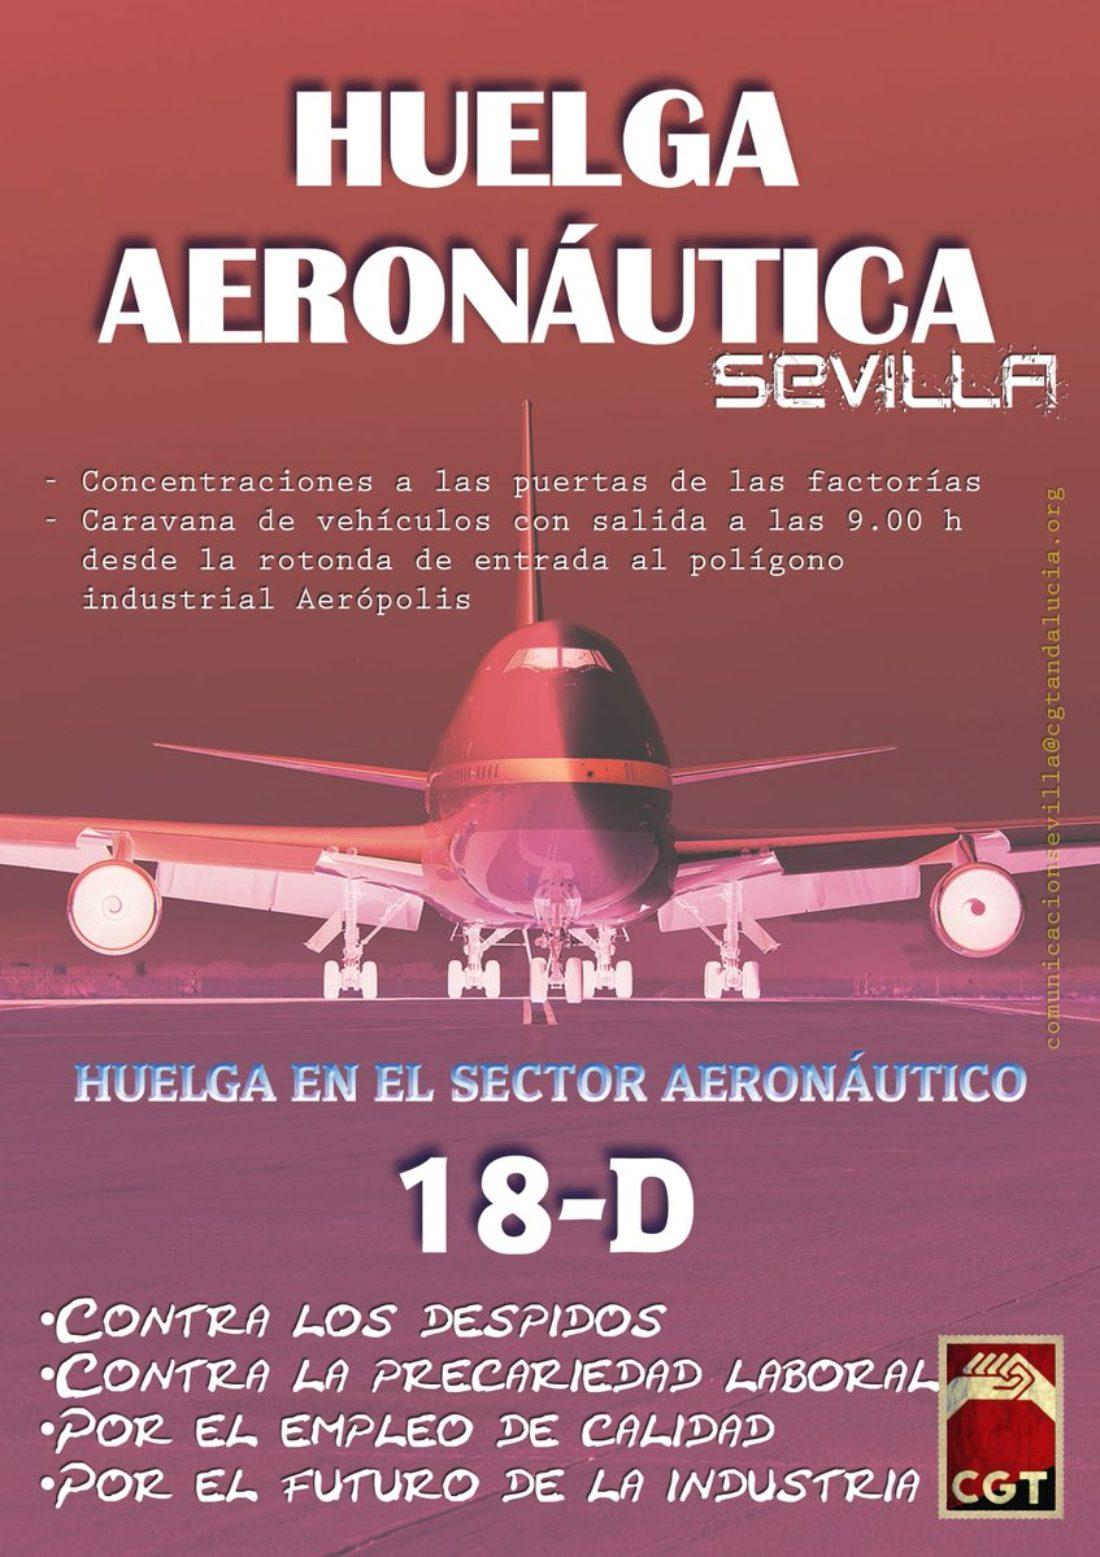 CGT convoca una huelga de 24 horas el próximo 18 de diciembre en las empresas de ingeniería del sector aeronáutico contra los despidos y la precariedad laboral de las plantillas